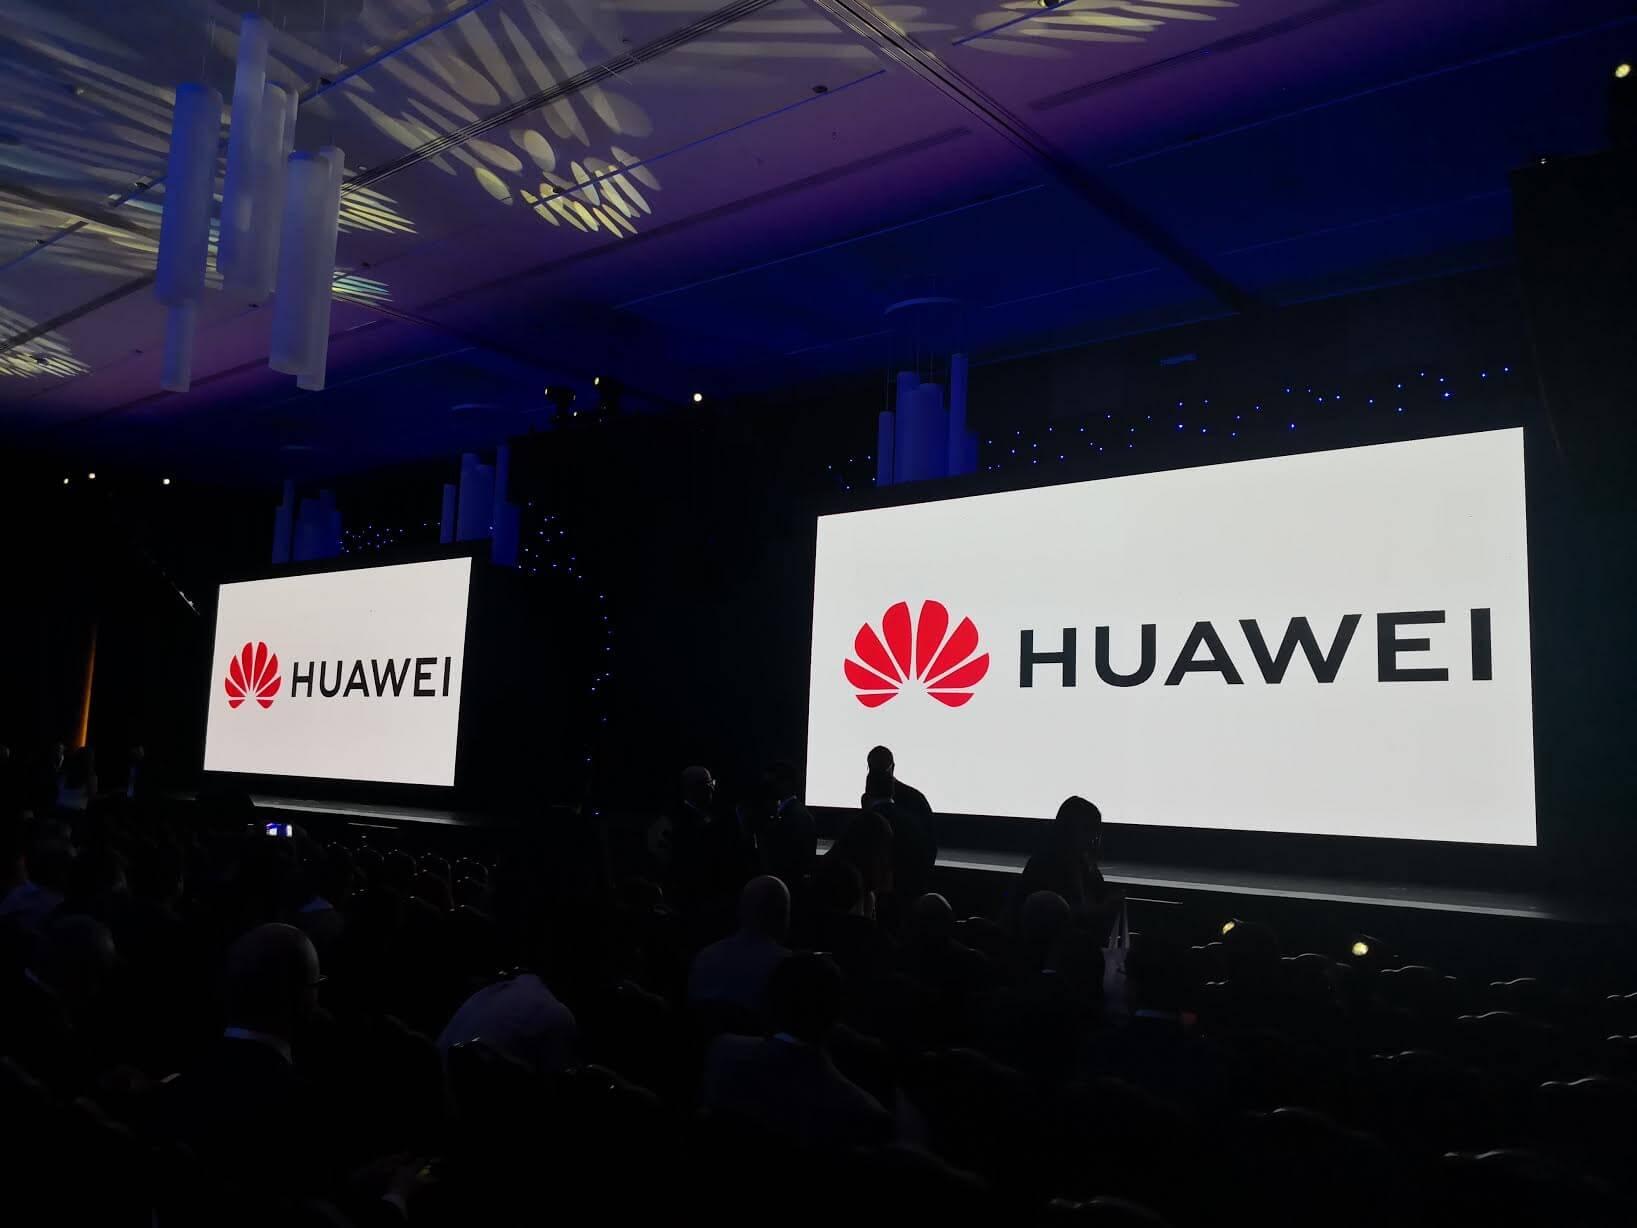 Huawei sube 11 puestos en la lista Fortune Global 500 - Revista Summa